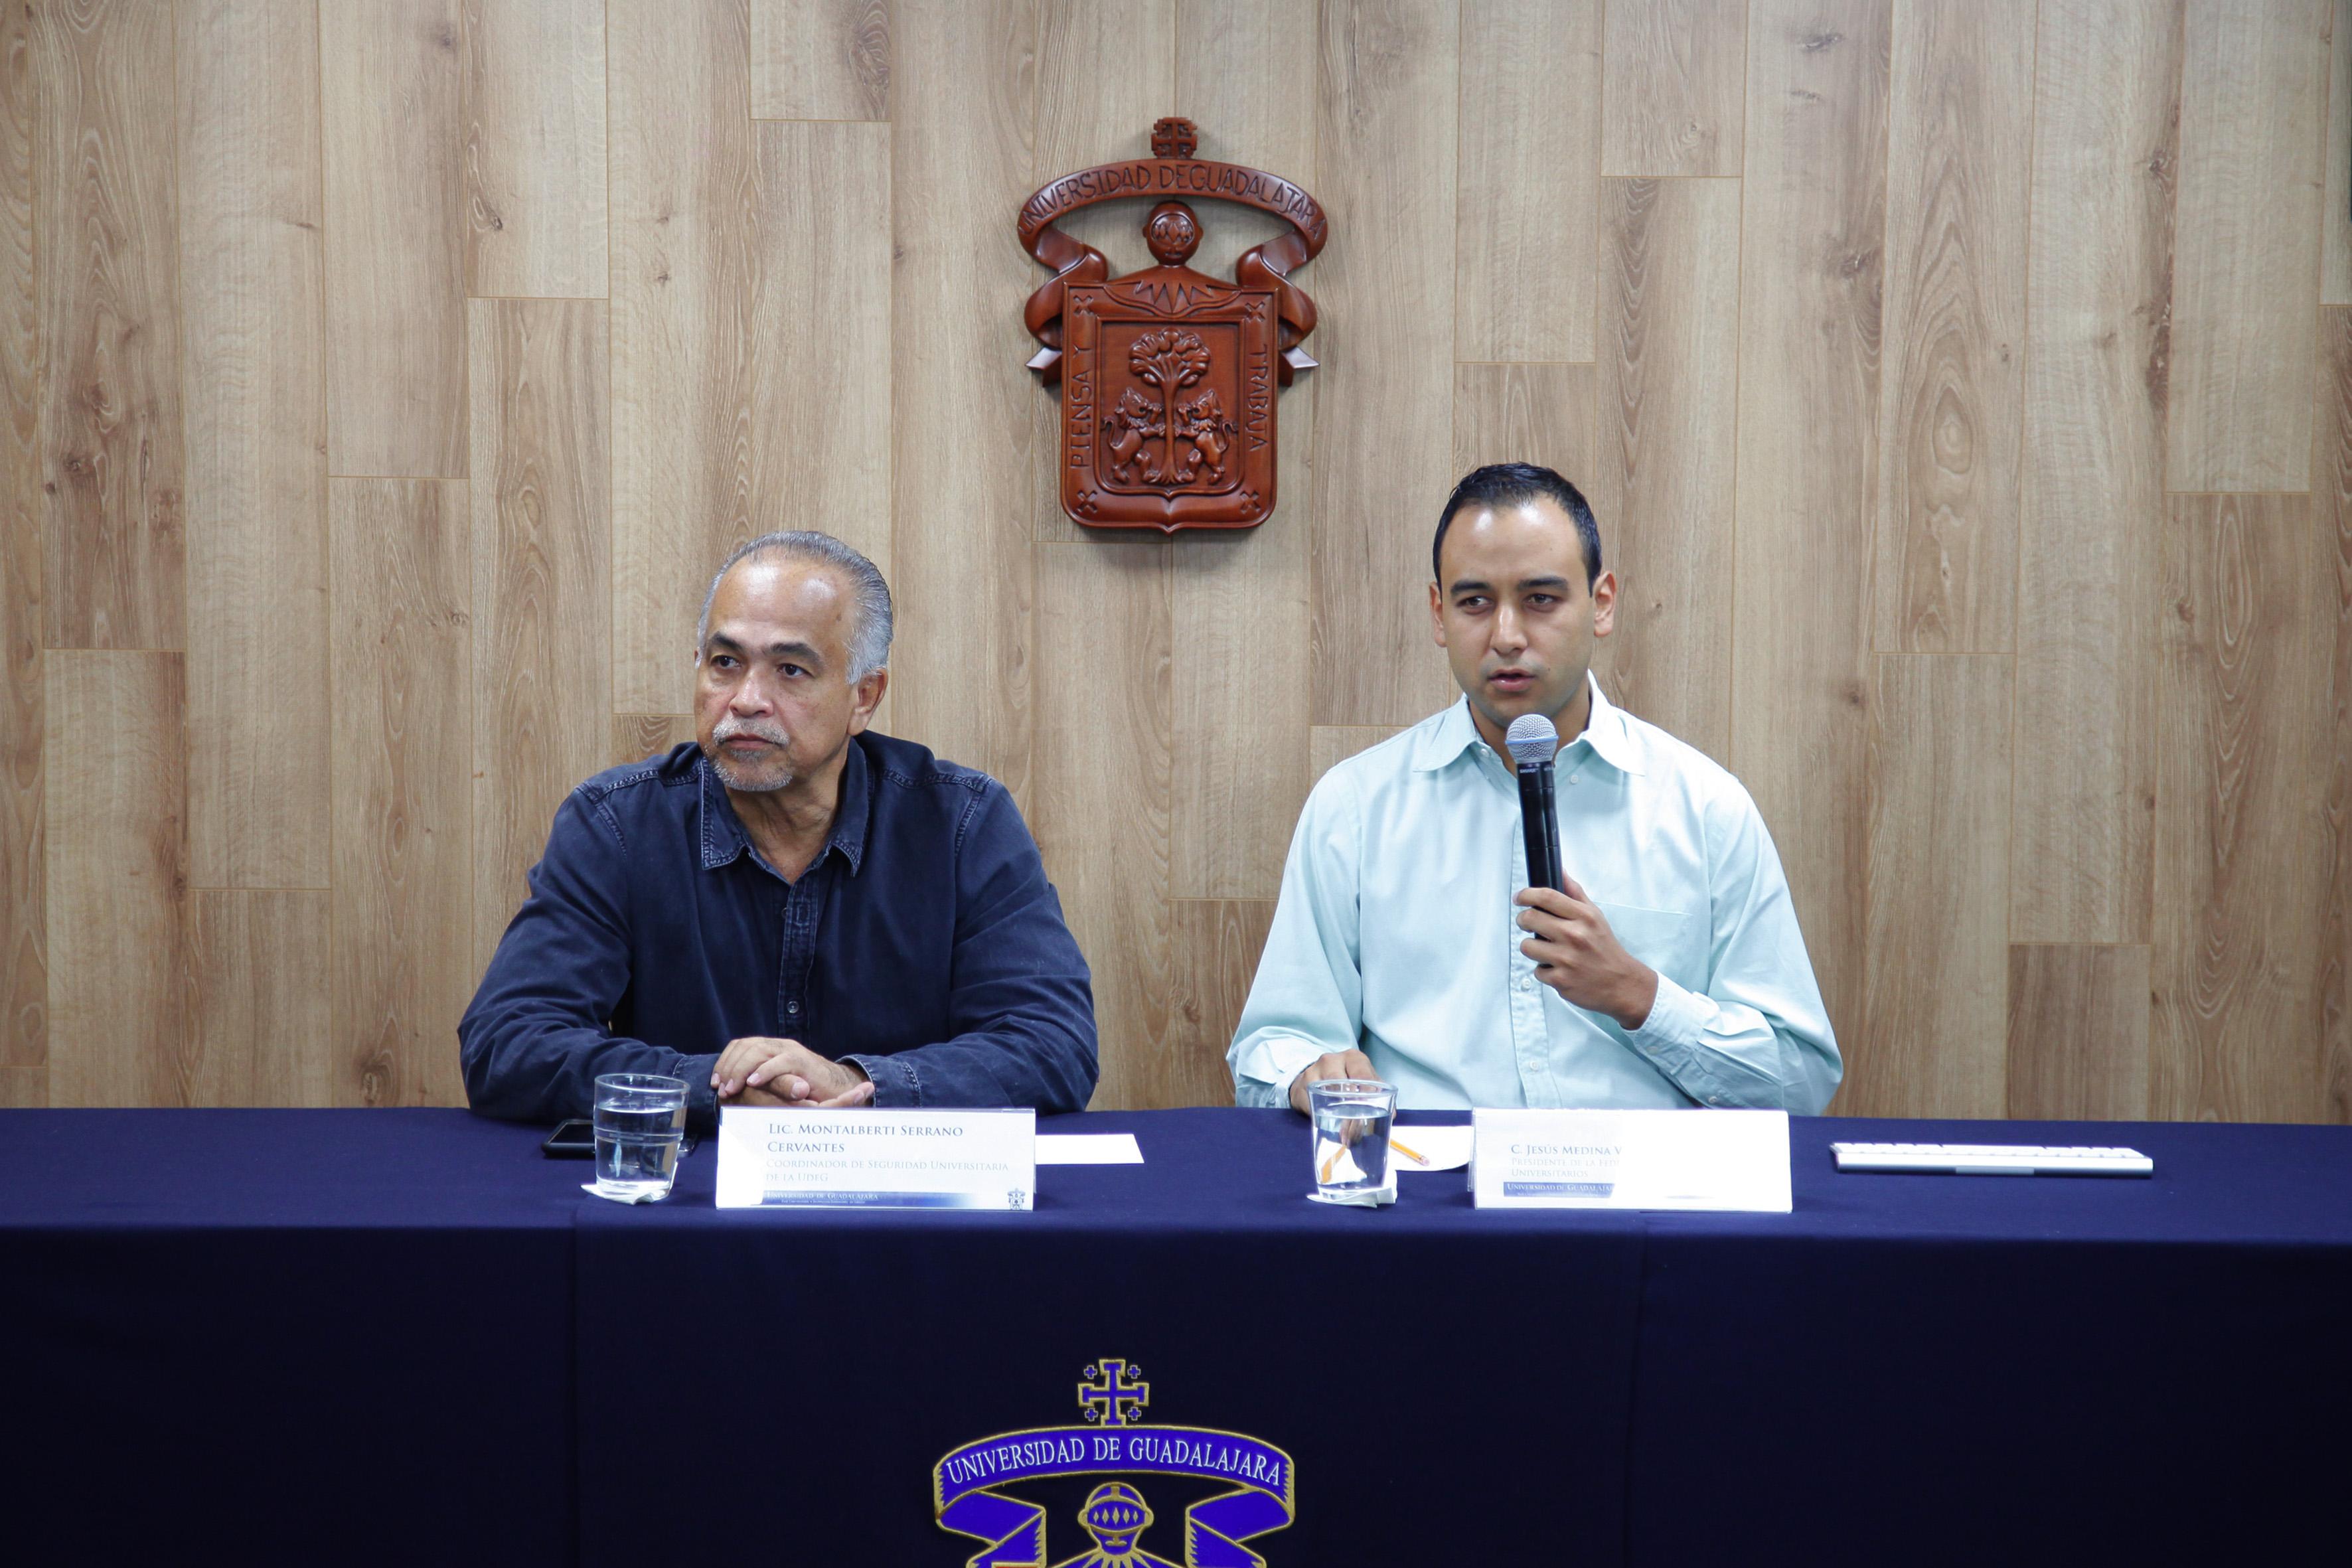 Presidente de la FEU, Jesús Medina Varela, con el coordinador de Seguridad Universitaria, licenciado Montalberti Serrano Cervantes; en rueda de prensa.